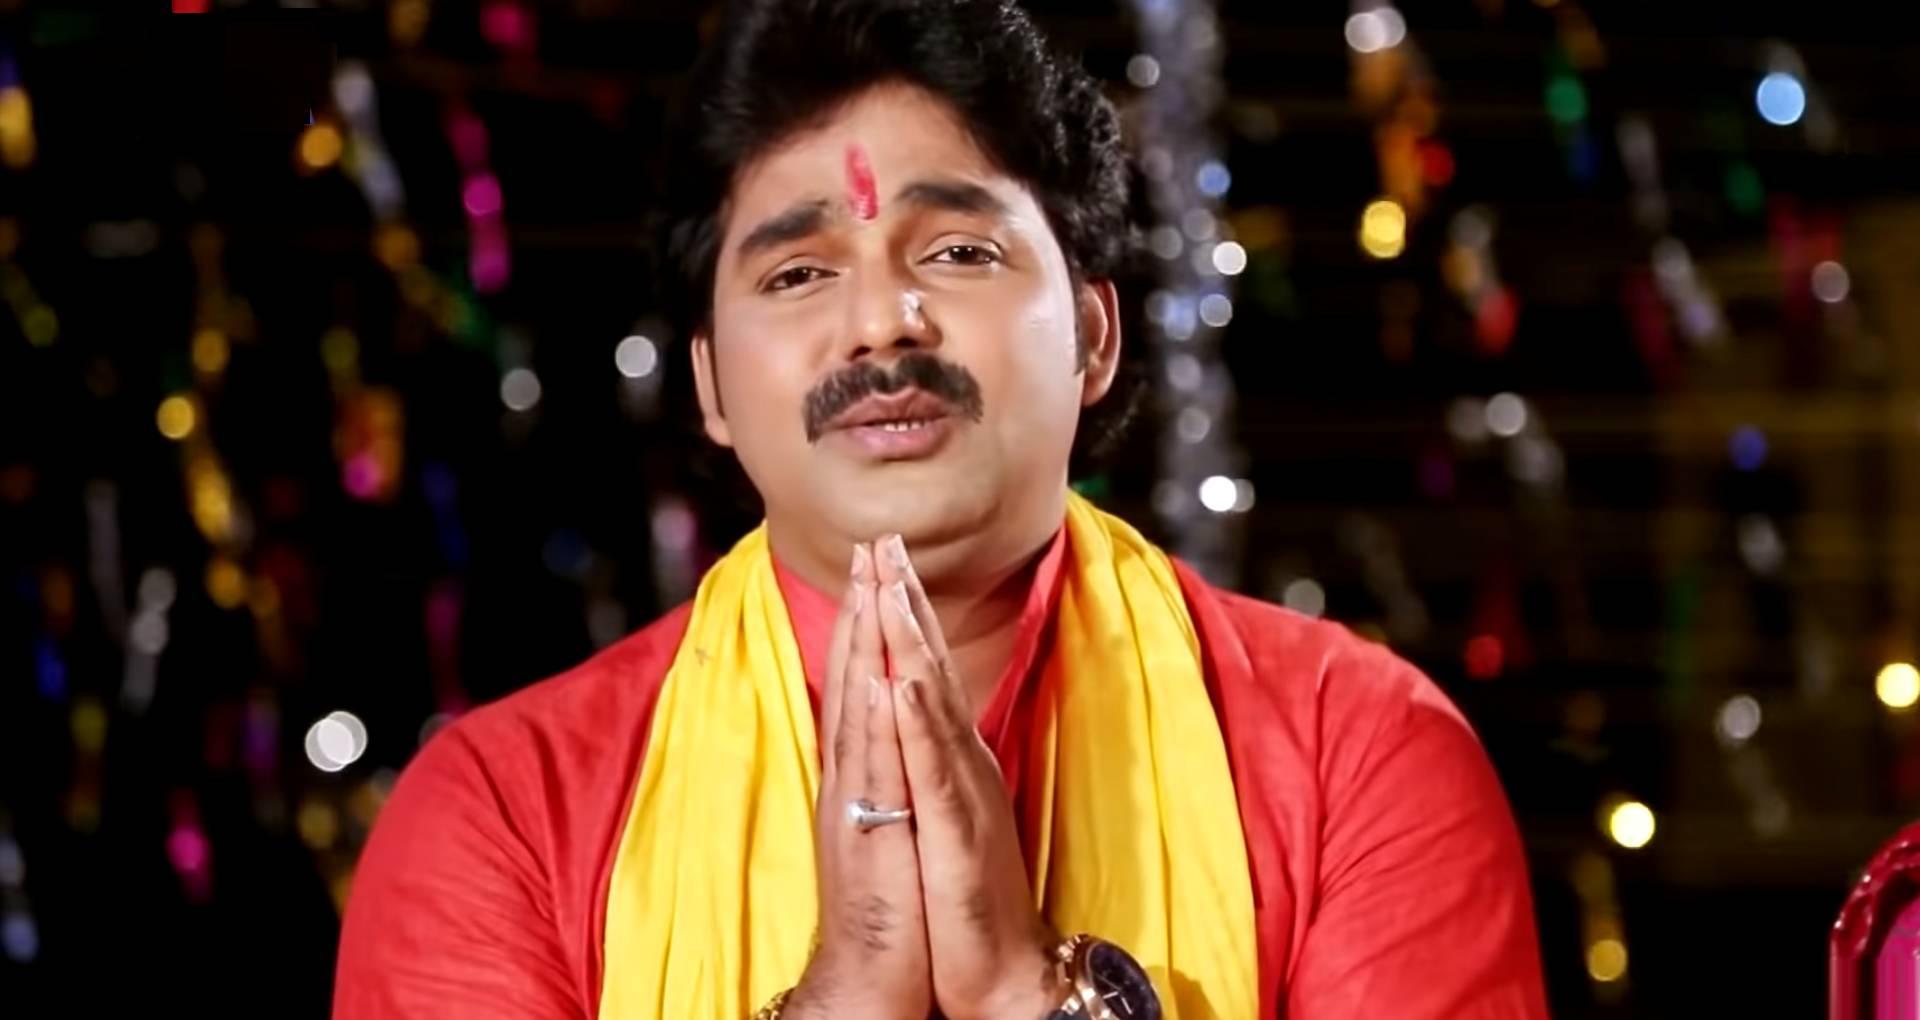 Chhath Geet 2019: छठी मैया की भक्ति में डूबे पवन सिंह, ऐसे कर रहे हैं उनका स्वागत, देखिए ये नया छठ गीत